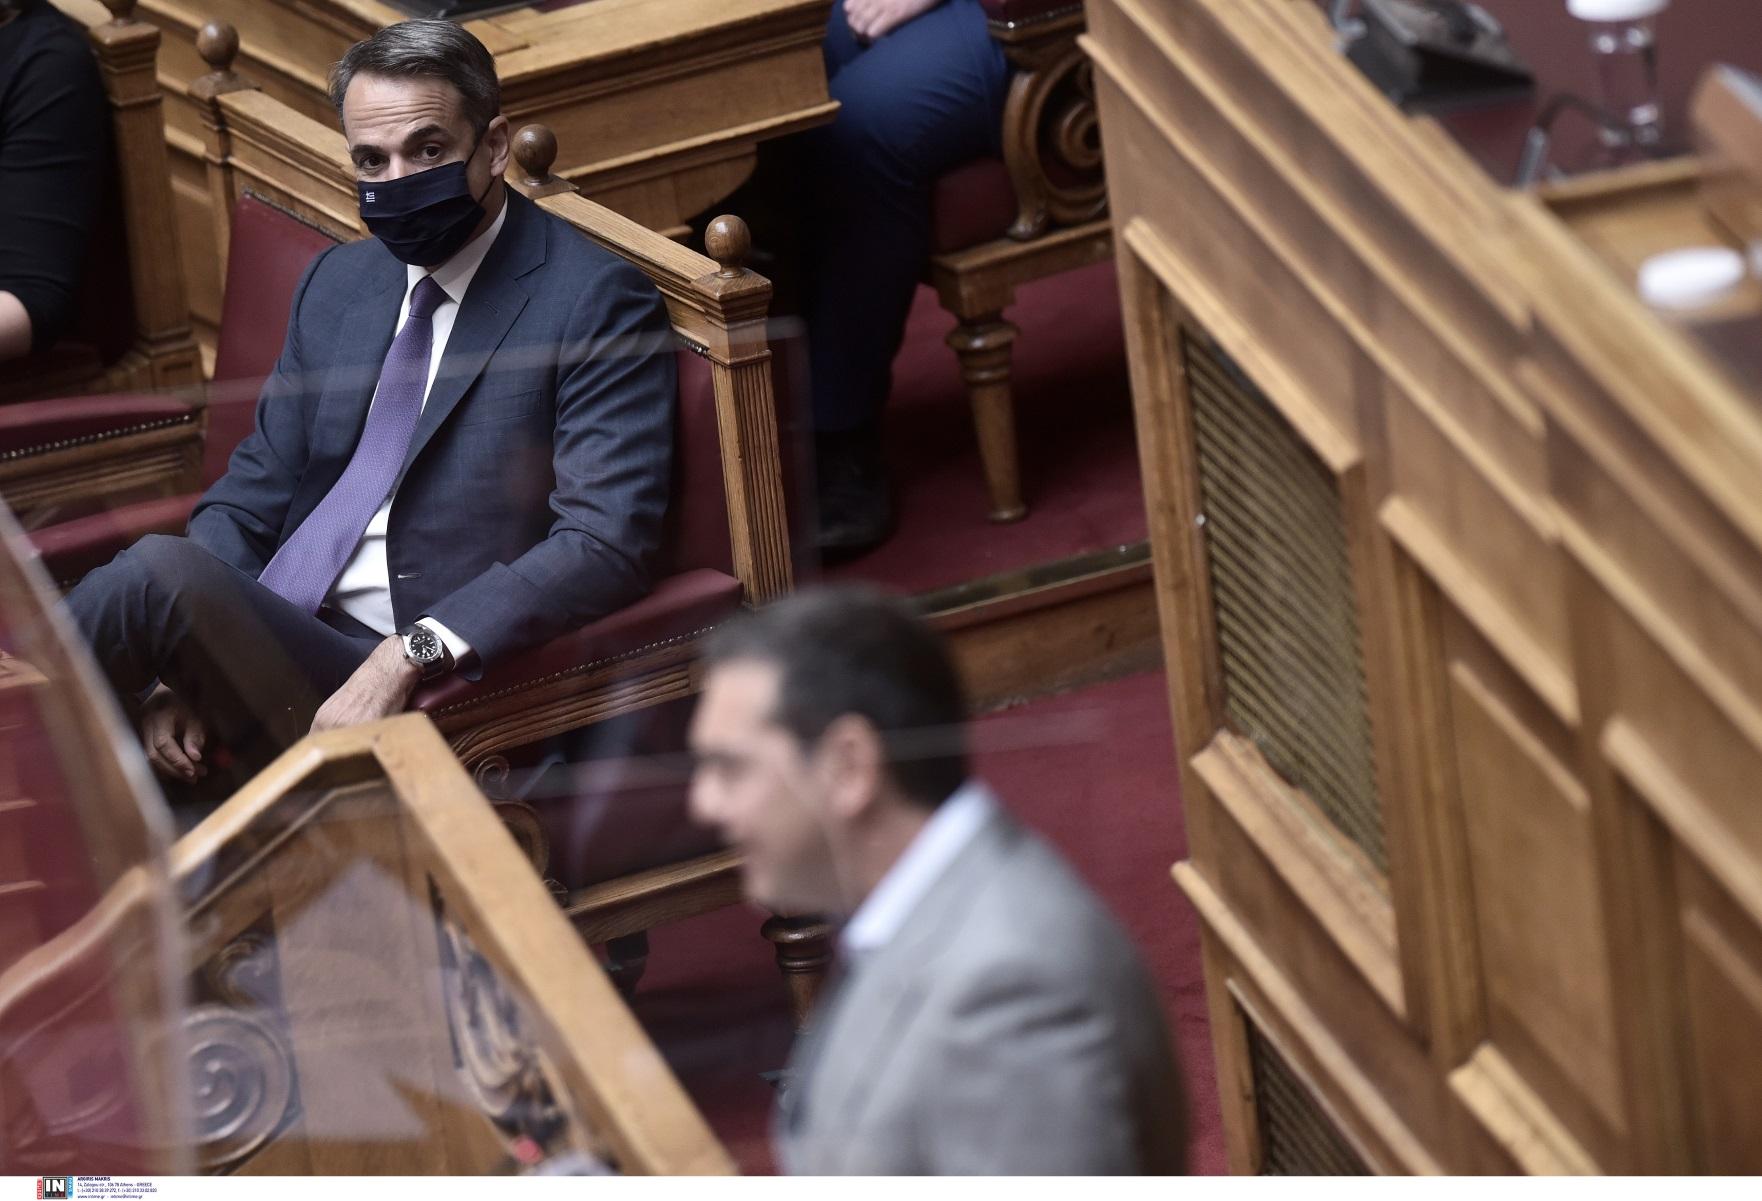 Φωτιές – Βουλή: Σύγκρουση πολιτικών αρχηγών στην επανέναρξη των εργασιών